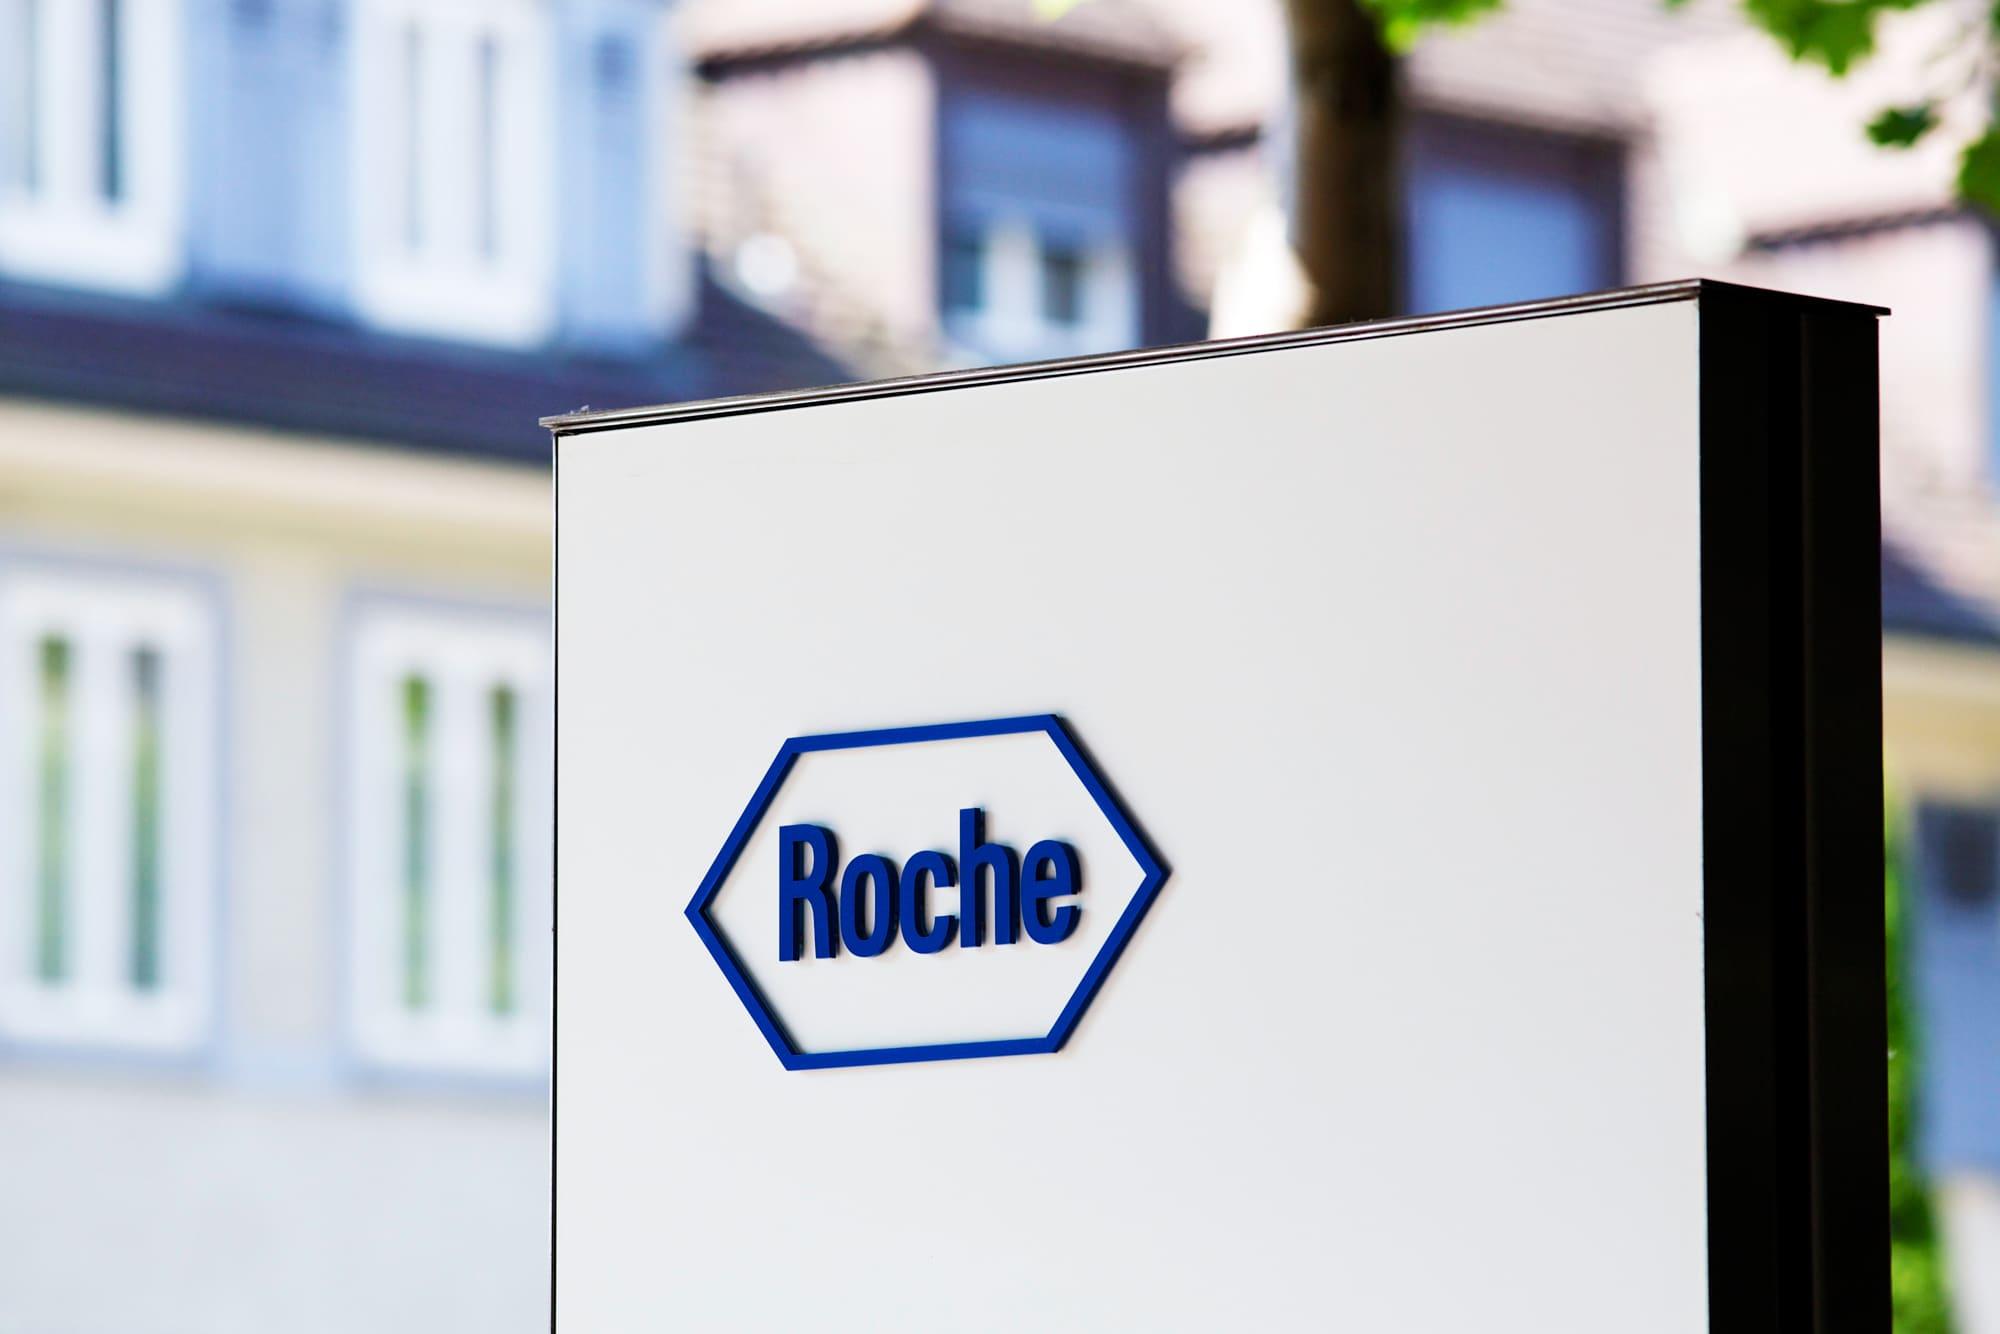 Roche 2017 earnings